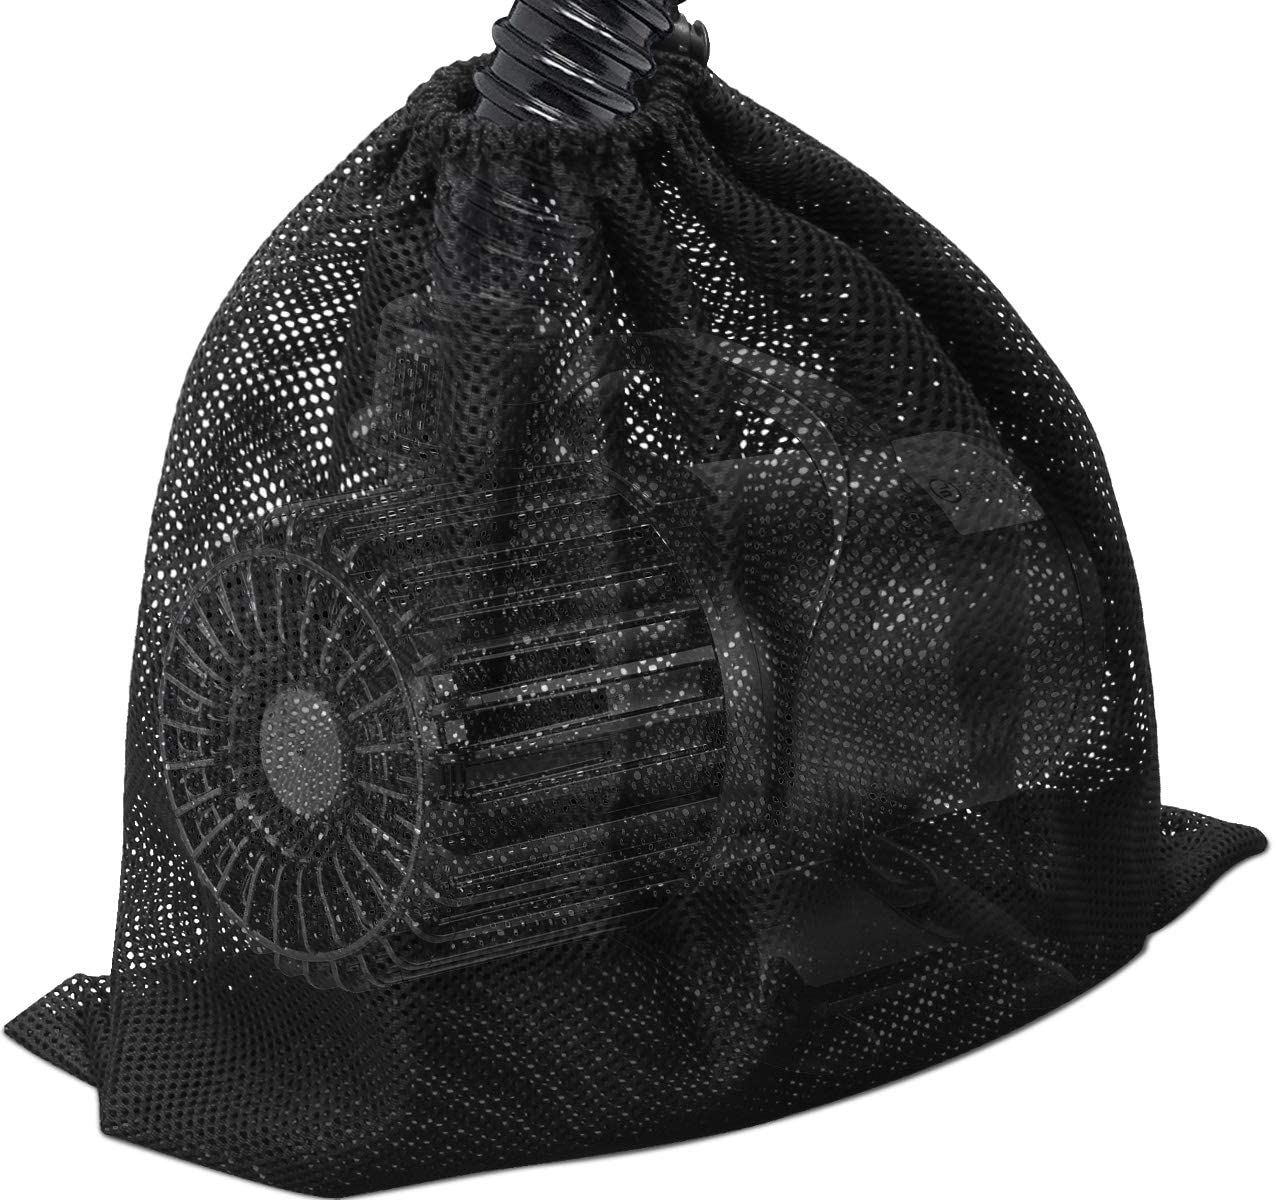 """Large Pump Barrier Bag, 17.3""""x 17.3"""" Pond Pump Filter Bag, Black Media Bag Large Pump Mesh Bag for Pond Biological Filters(Black) - By Coolrunner: Home Improvement"""